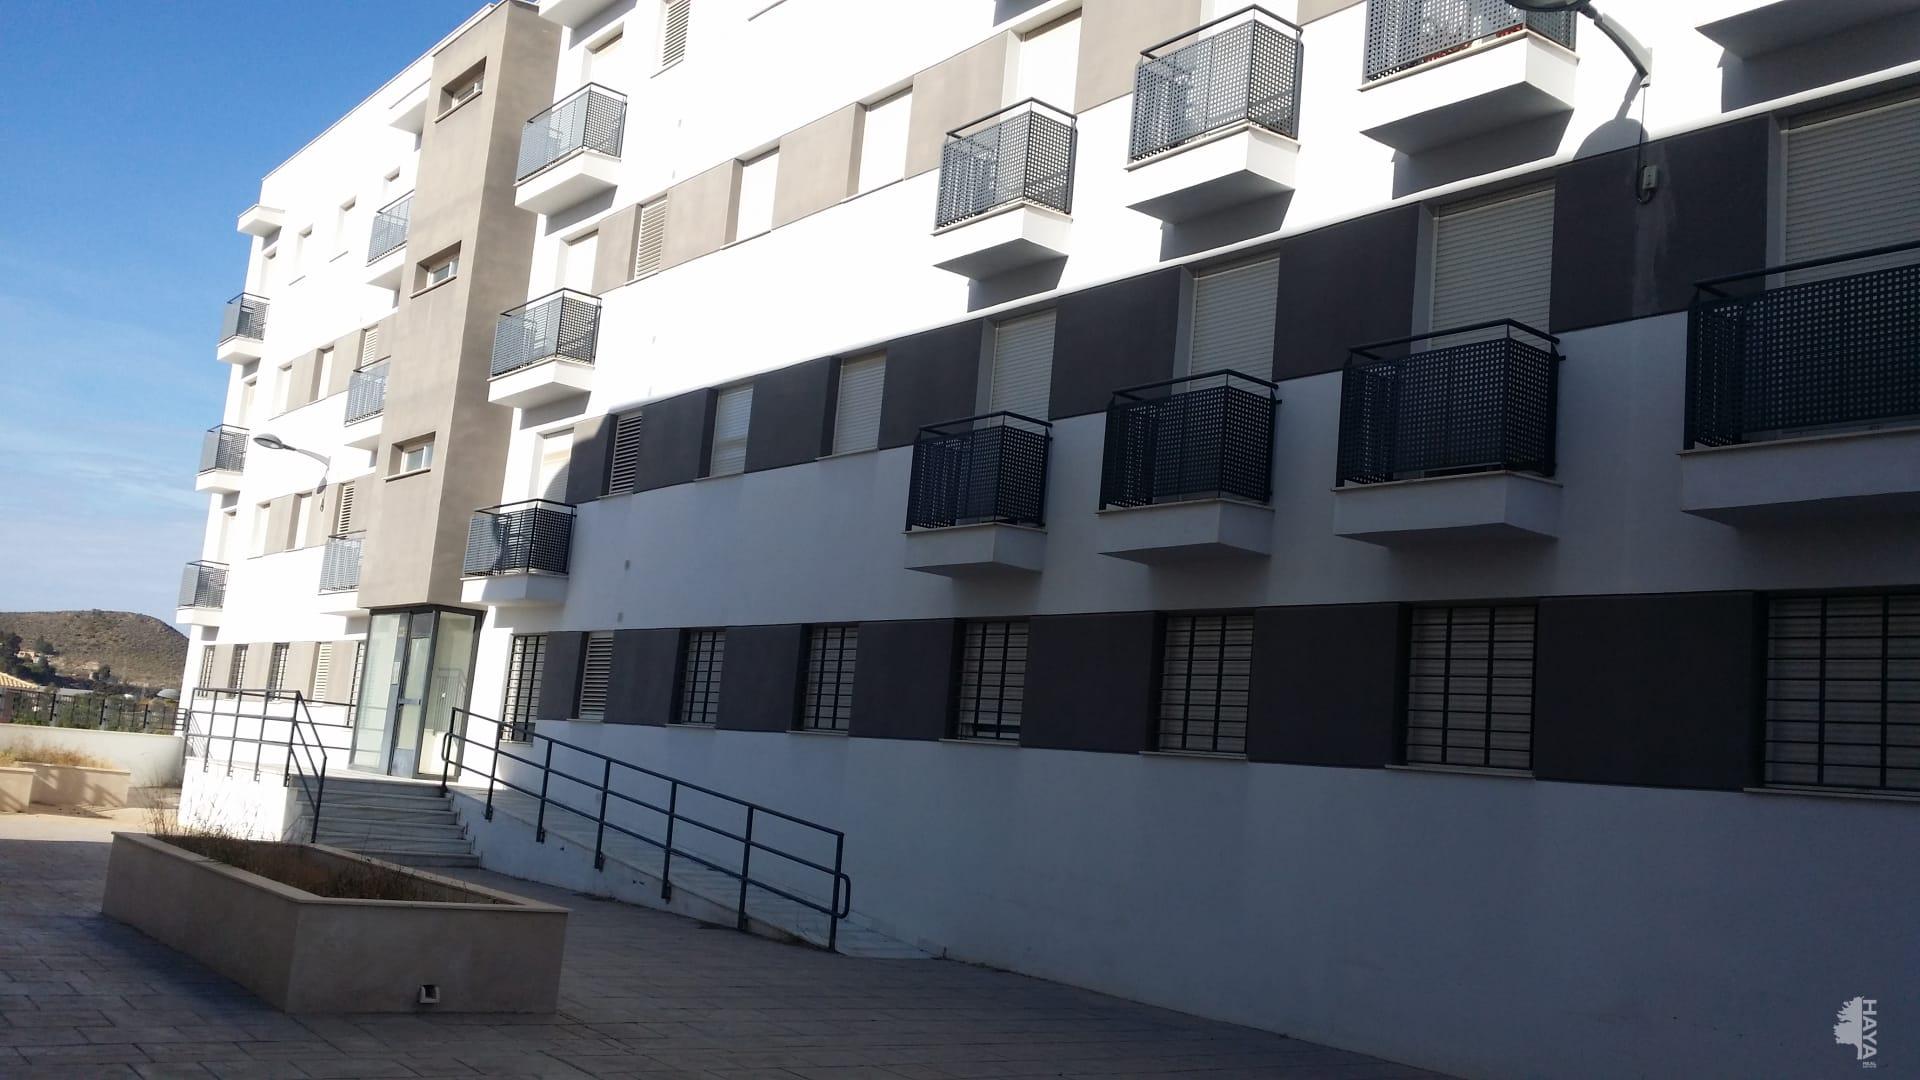 Piso en venta en Huitar Mayor, Olula del Río, Almería, Calle Alta, 58.900 €, 3 habitaciones, 1 baño, 98 m2